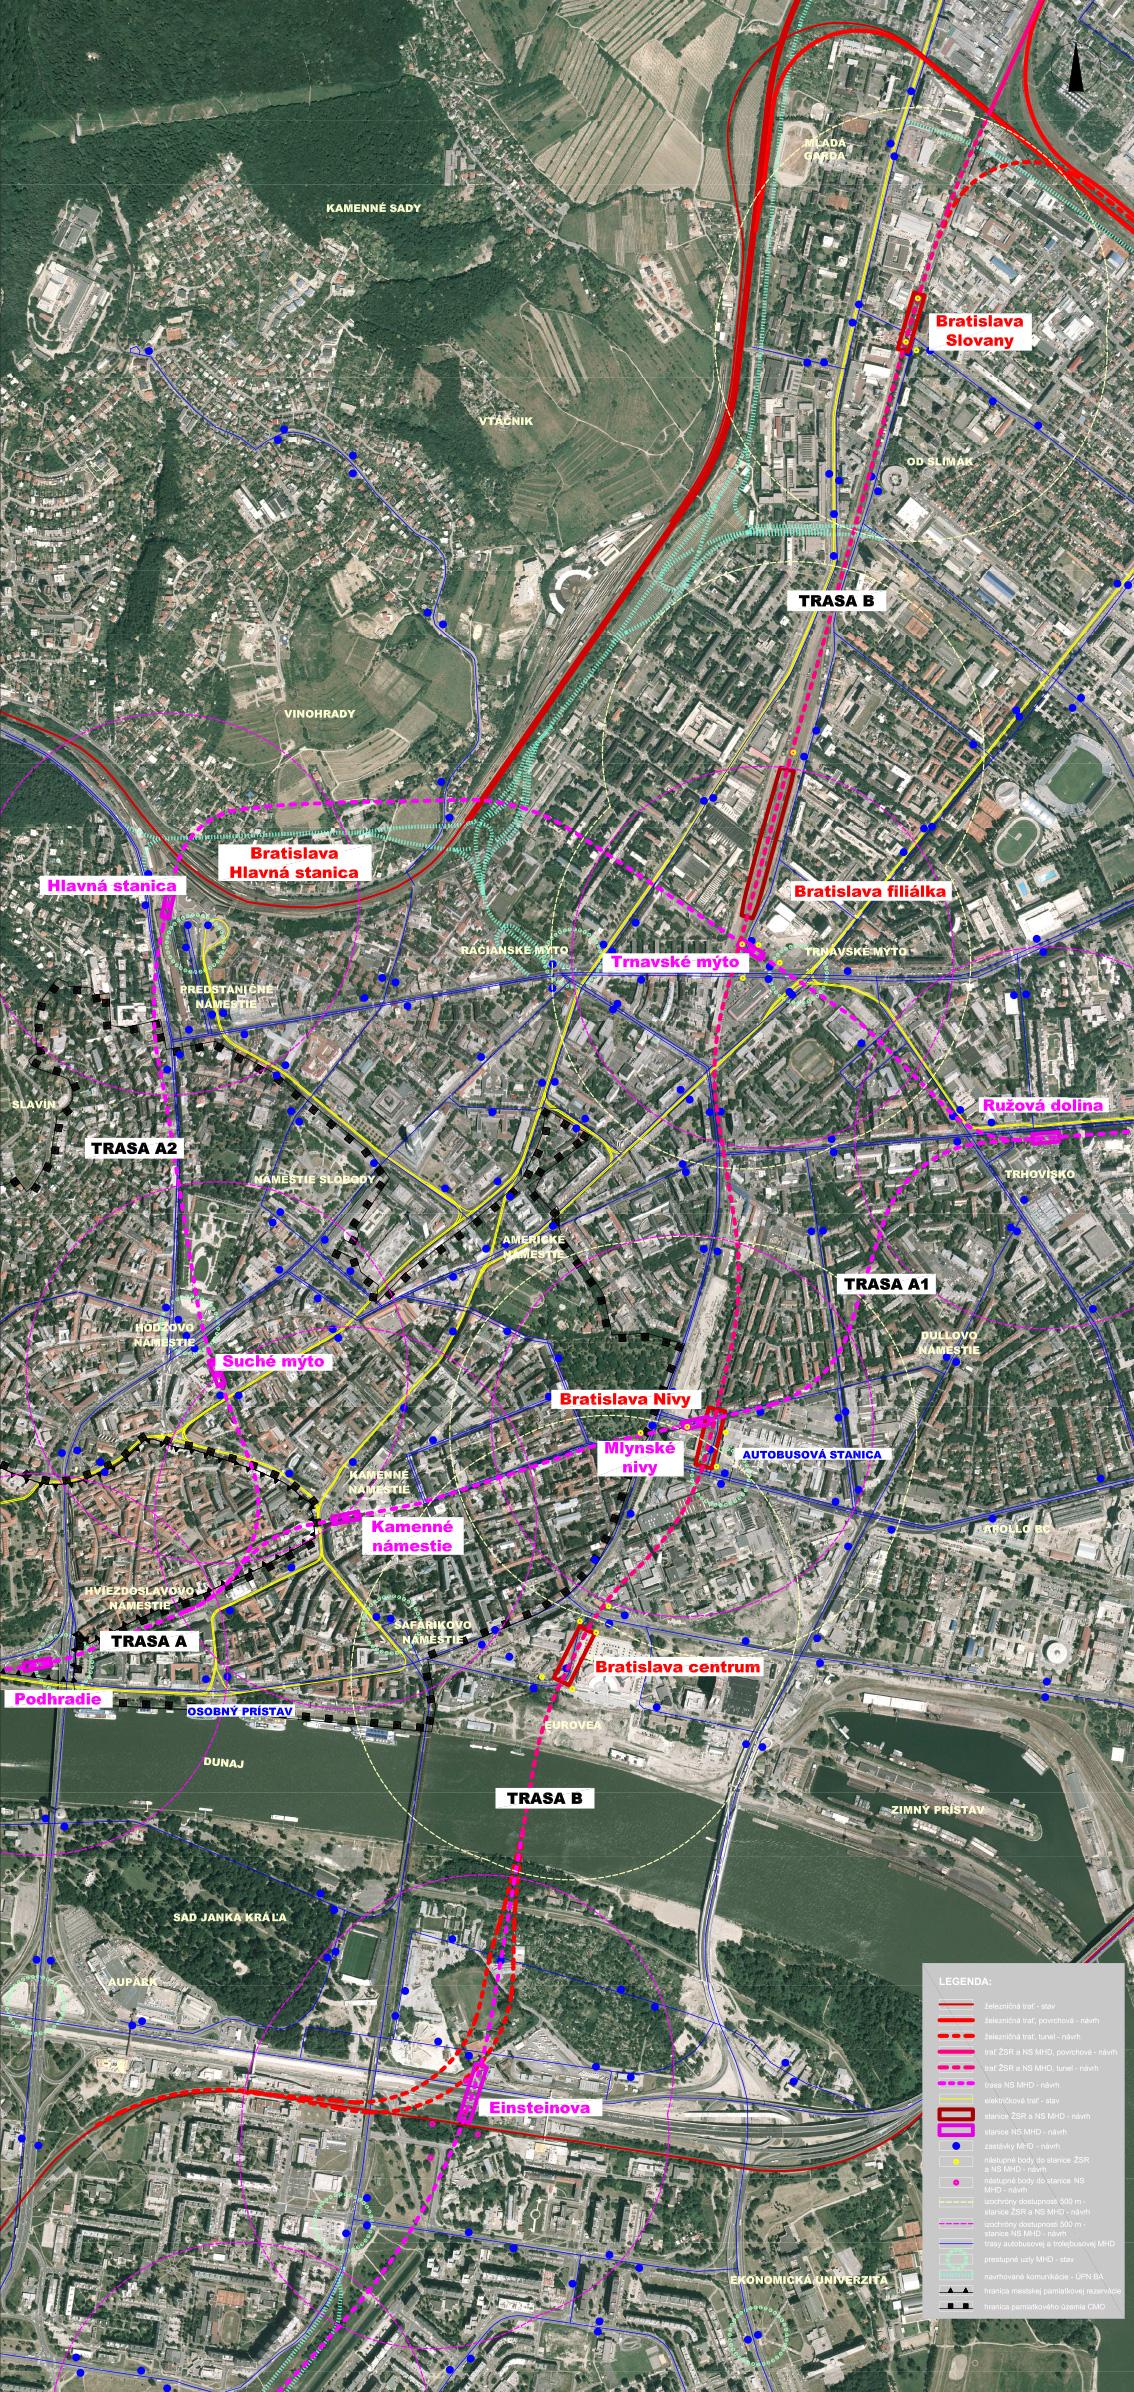 Dopravno-urbanistická štúdia prepojenia železničných koridorov v Bratislave.